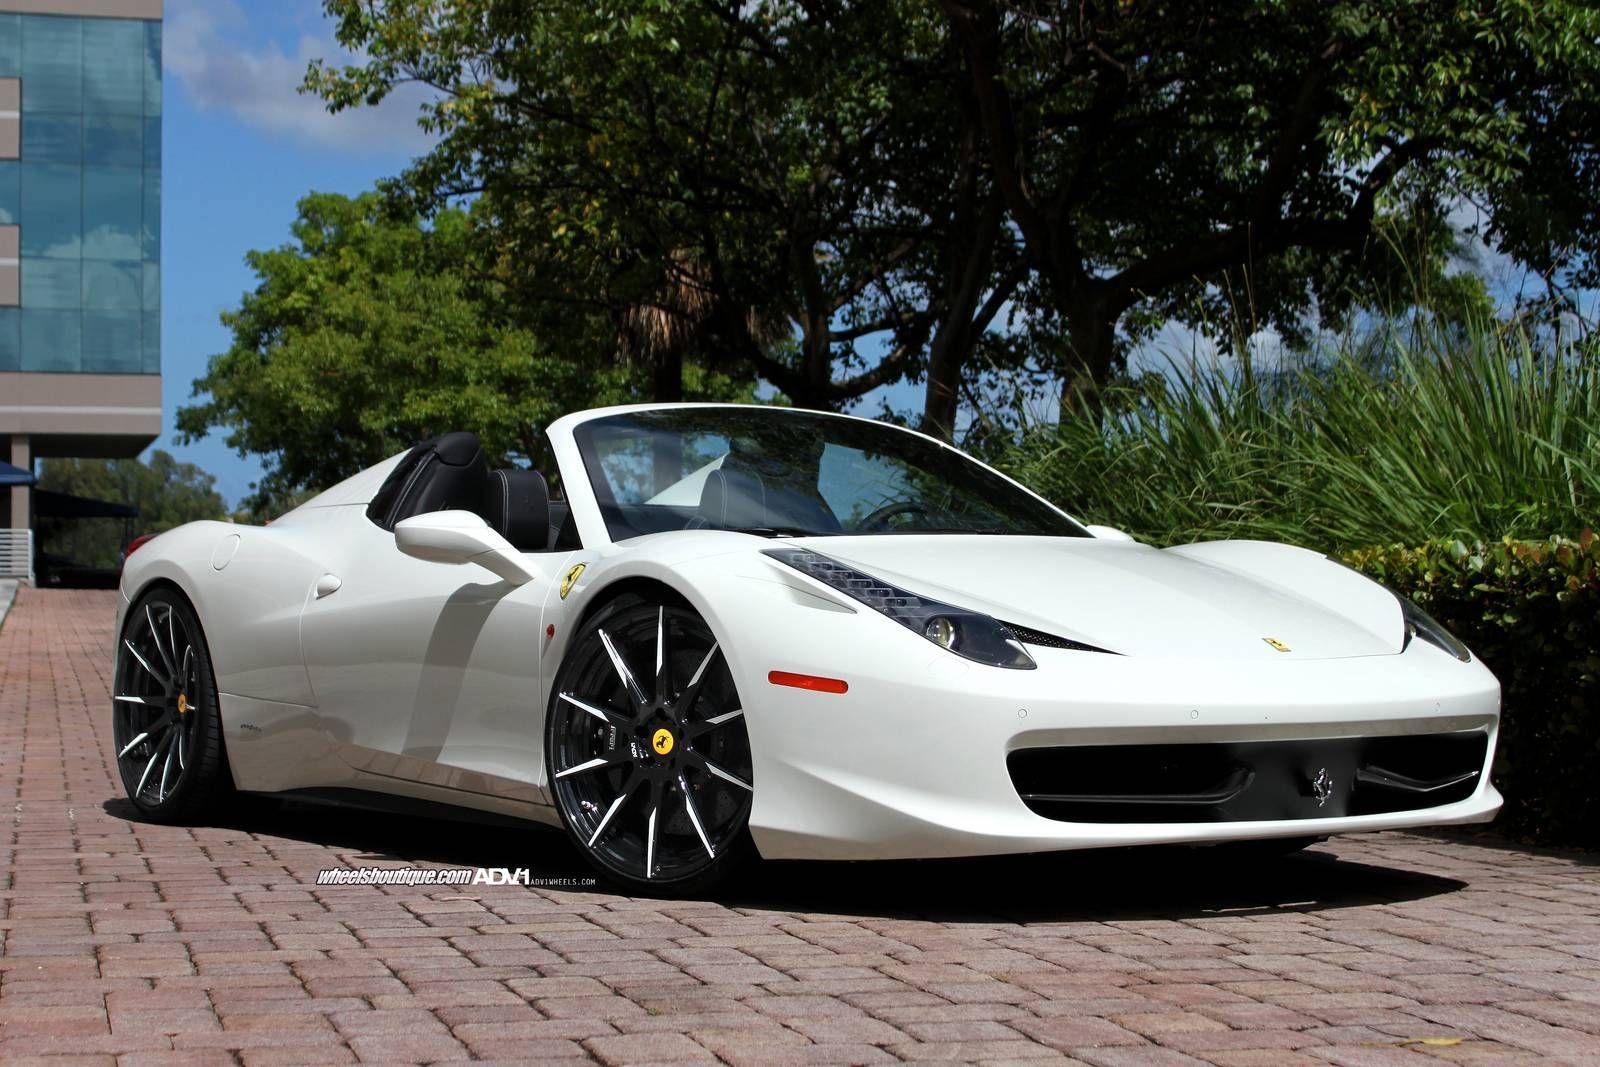 Ferrari 2013 ferrari 458 spider : 2013 - Ferrari 458 Spider | Cars | Pinterest | Ferrari 458 ...